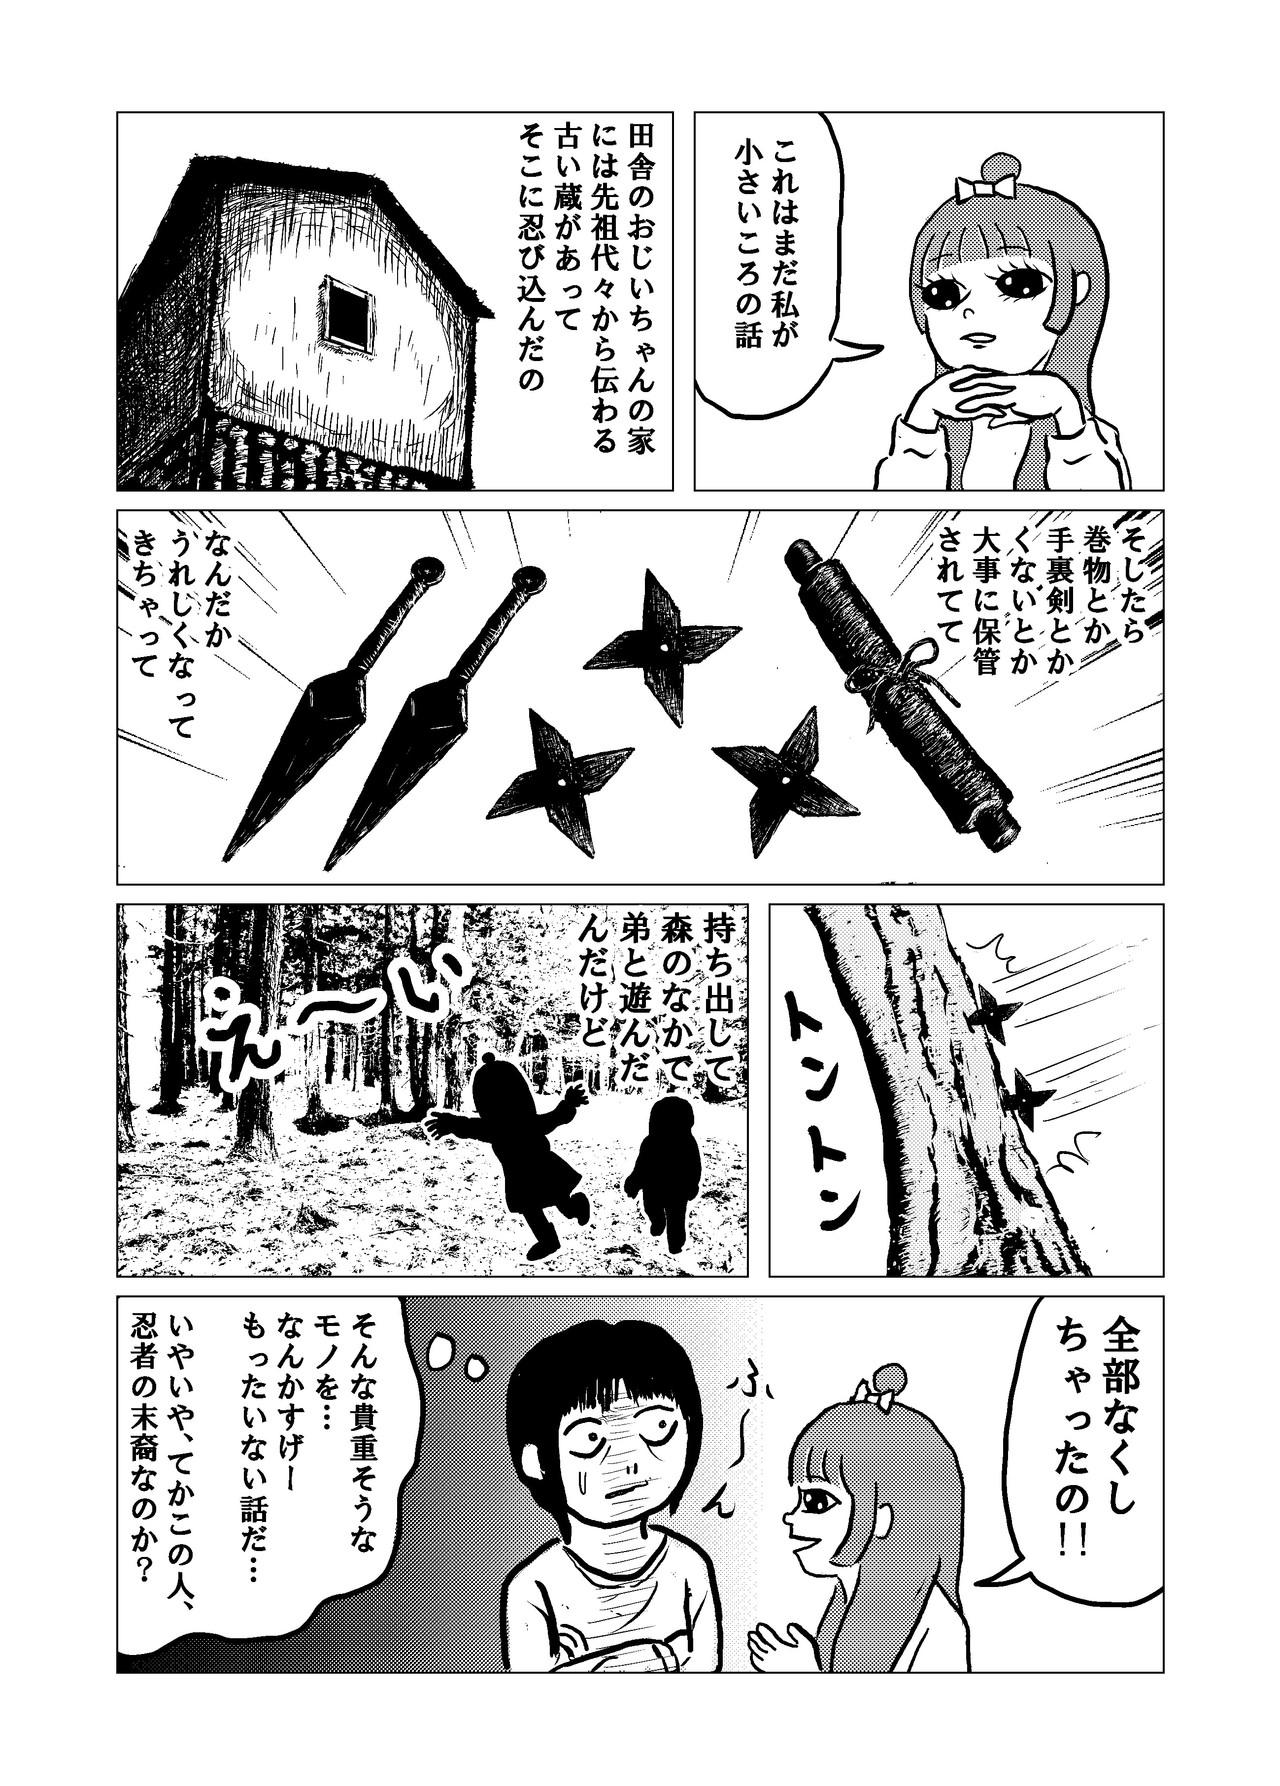 忍者の末裔01_5mb